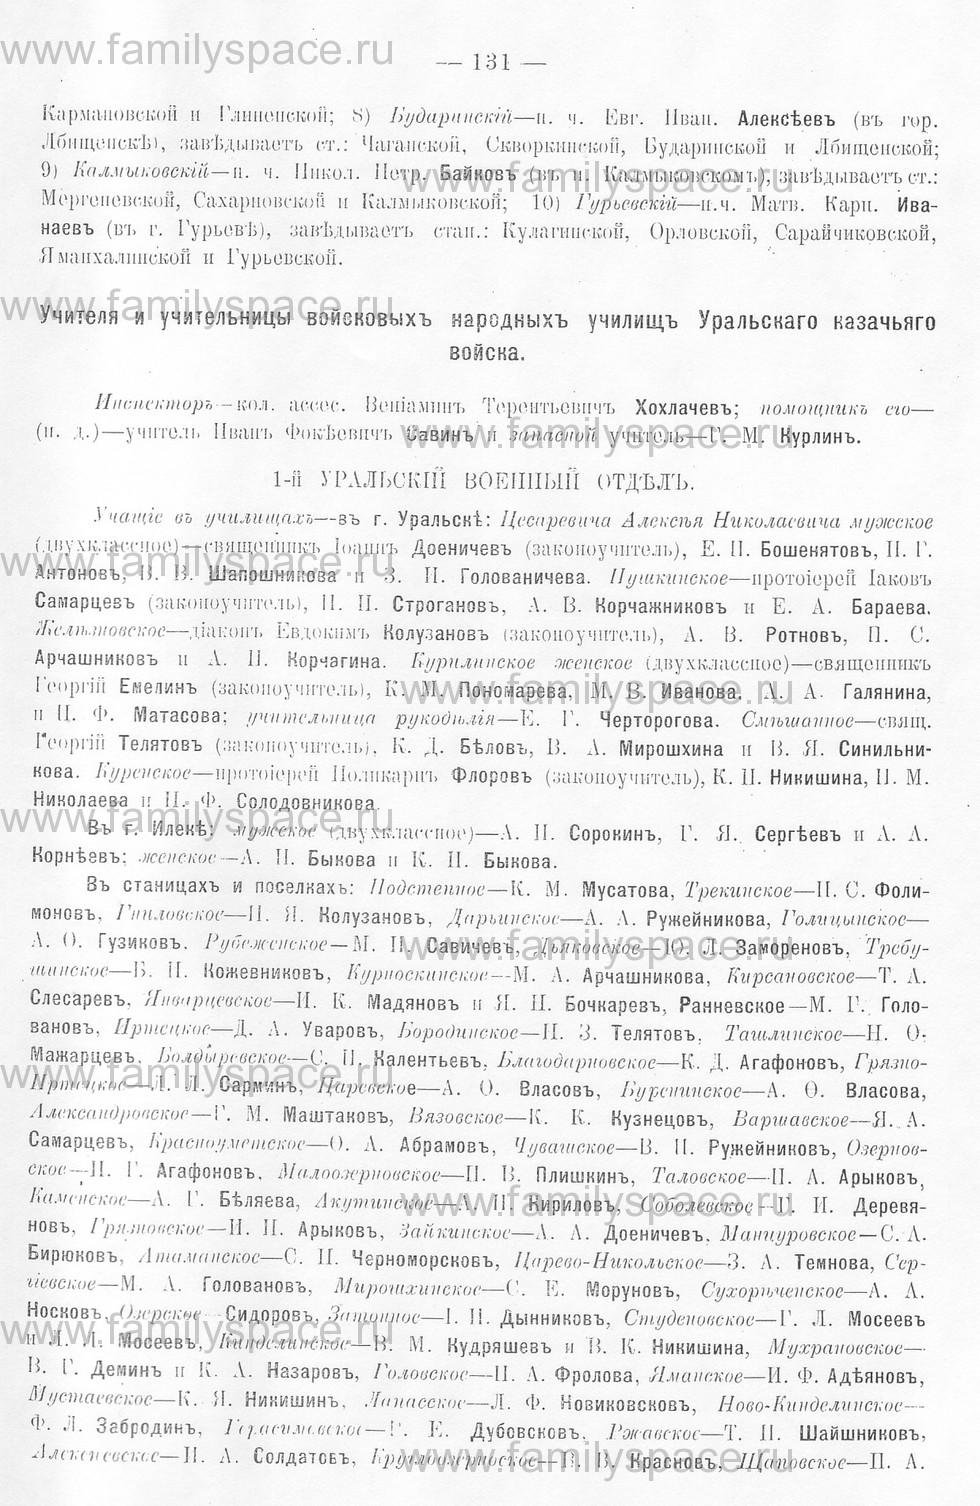 Поиск по фамилии - Памятная книжка Уральской области на 1913 год, страница 131